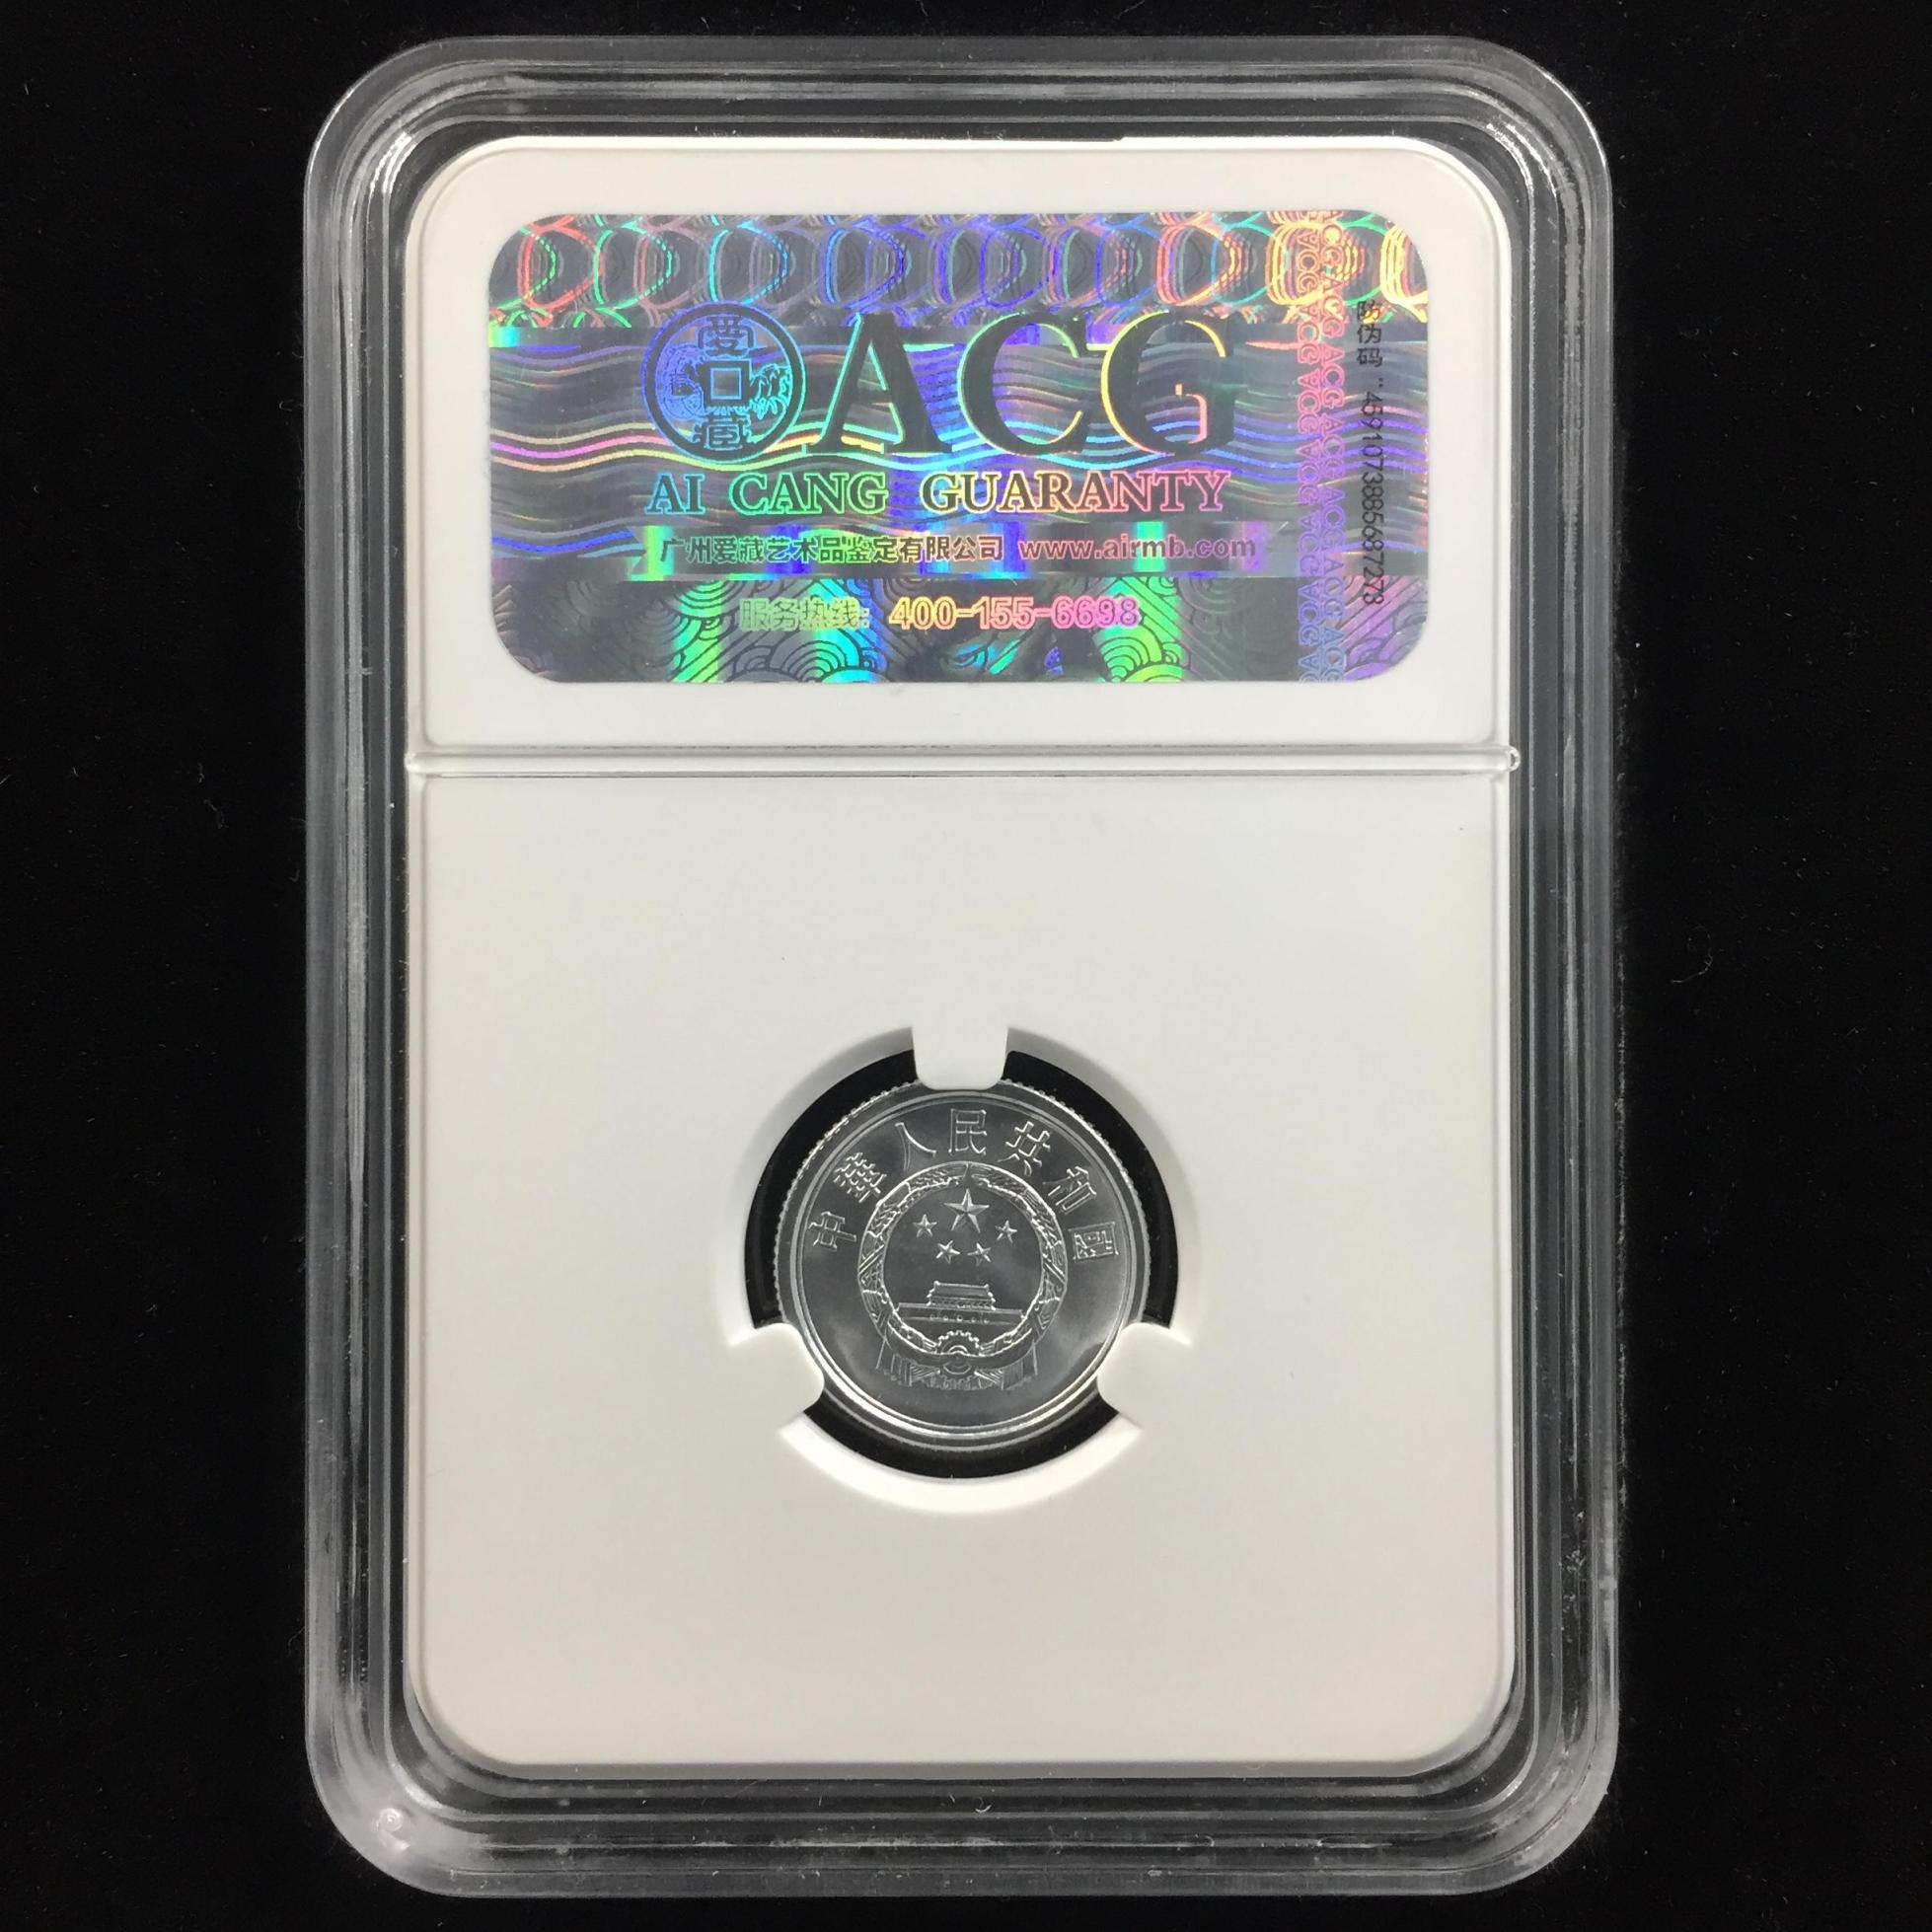 双齿币→2013年1分硬币→ACG鉴定证书-10768244